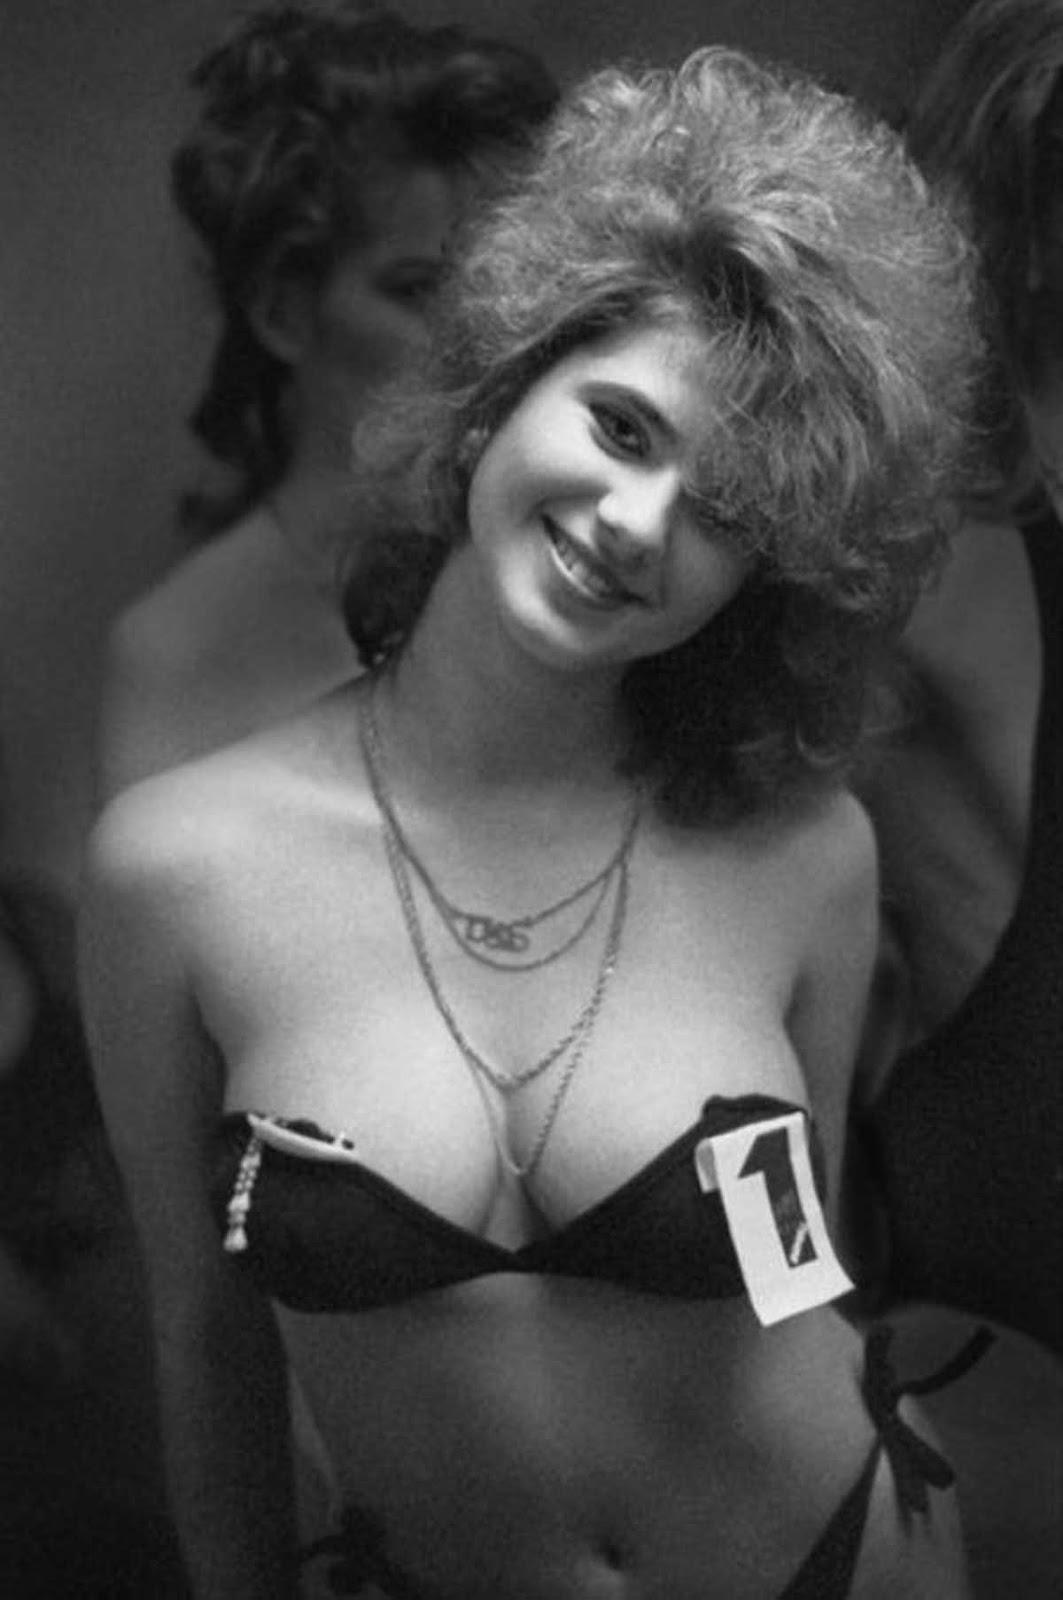 Primeiro concurso de beleza da União Soviética em 1988 11